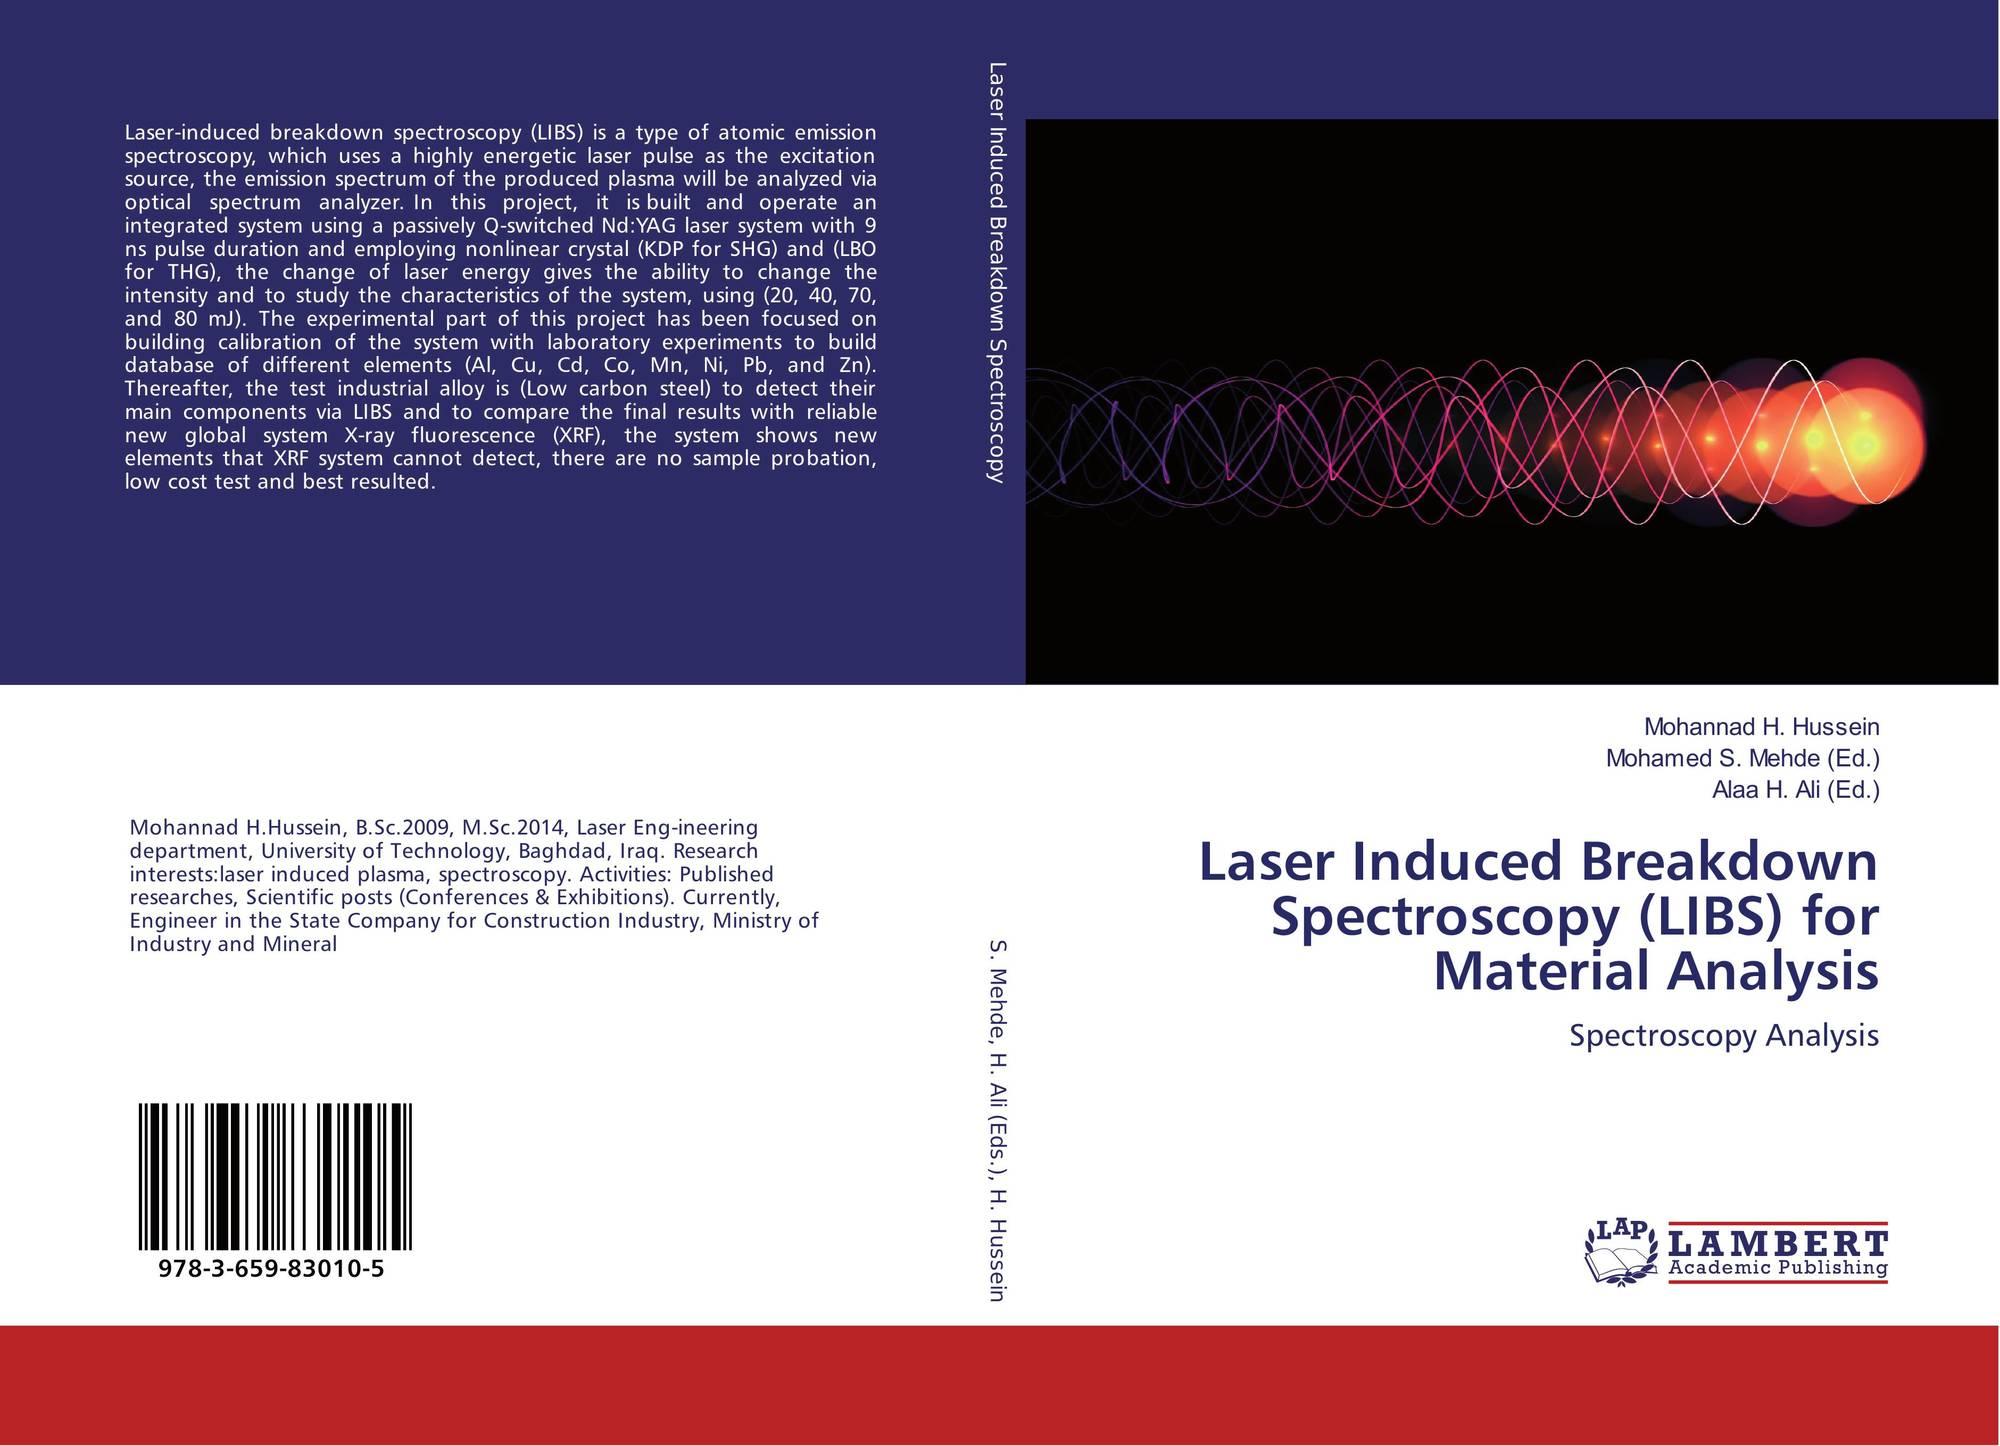 spectroscopy breakdown The data represent laser-induced breakdown spectroscopy (libs) emission in  200-940 nm wavelength range obtained from 68 samples of.